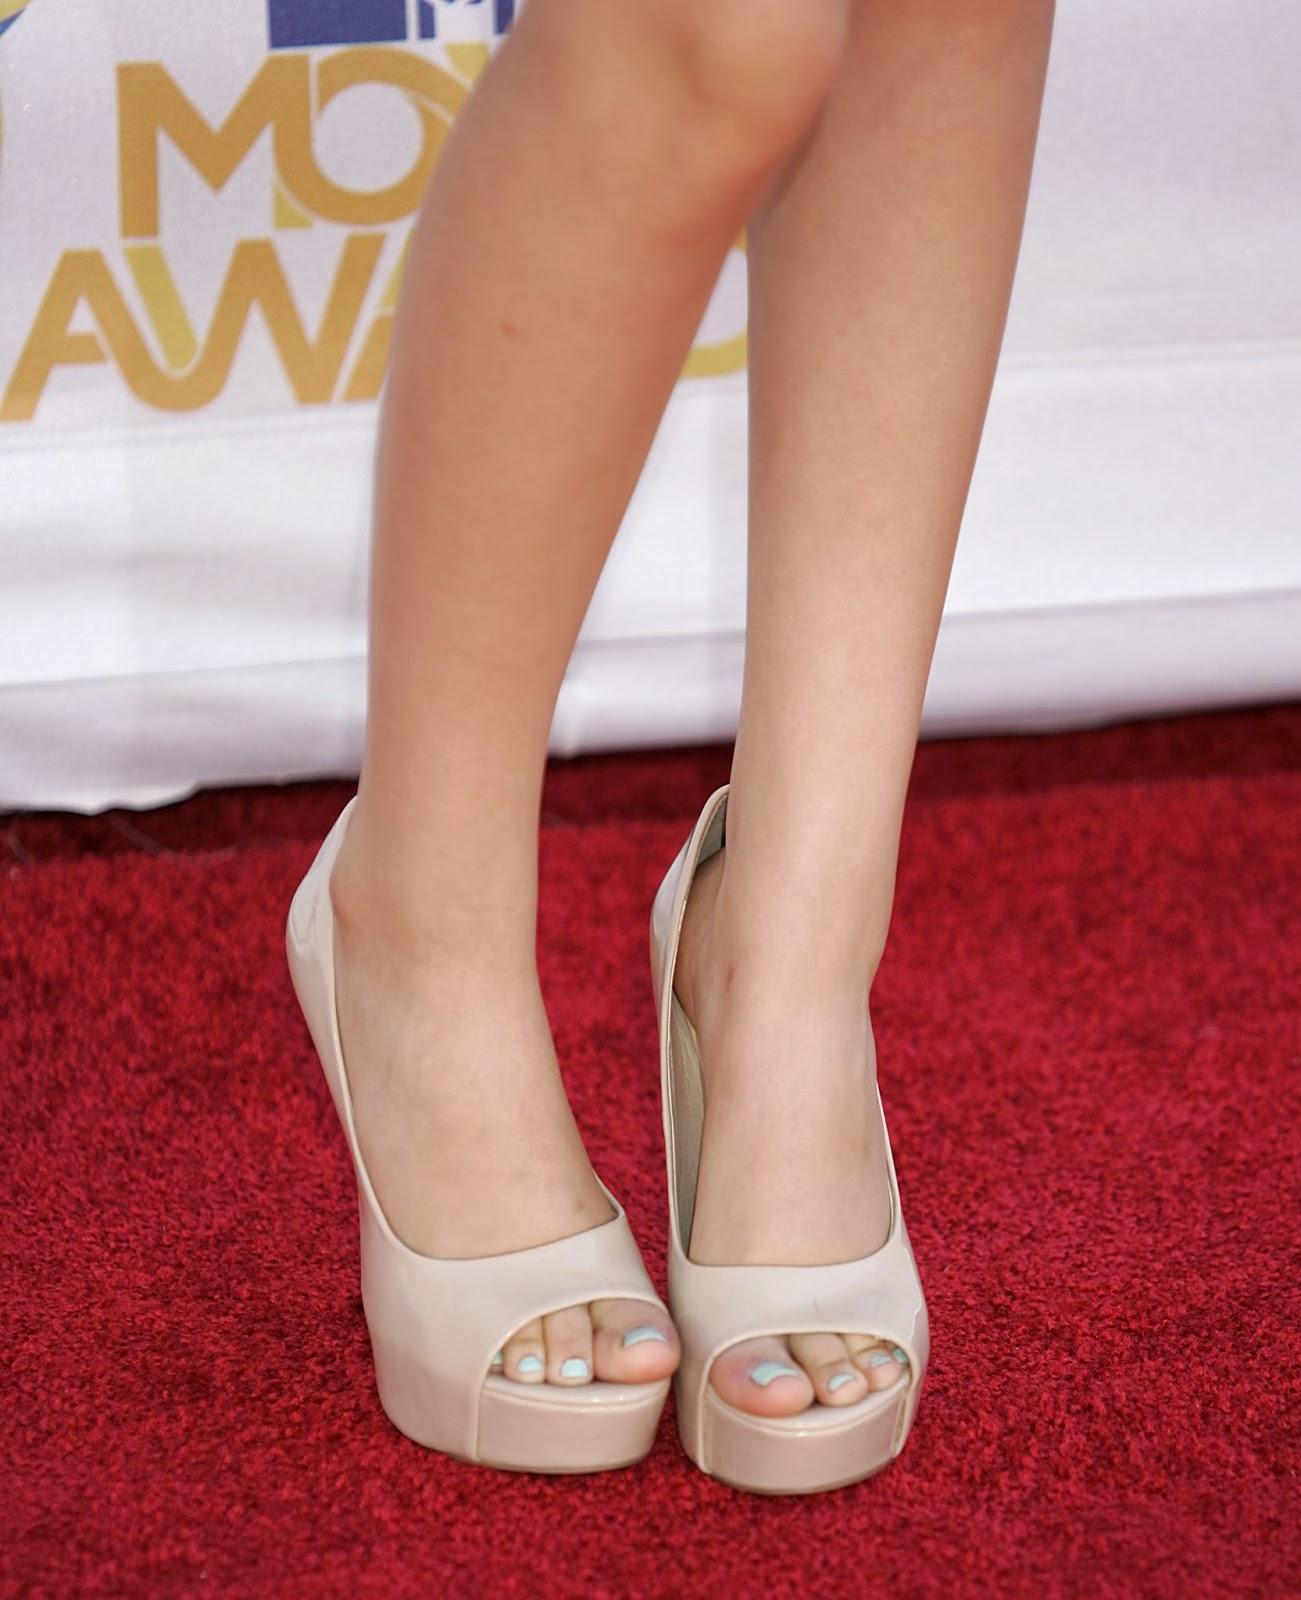 descargar imagenes de zapatillas gratis - imagenes de zapatillas   Descargar Fondos de pantalla zapatillas nike hd Fondos 7